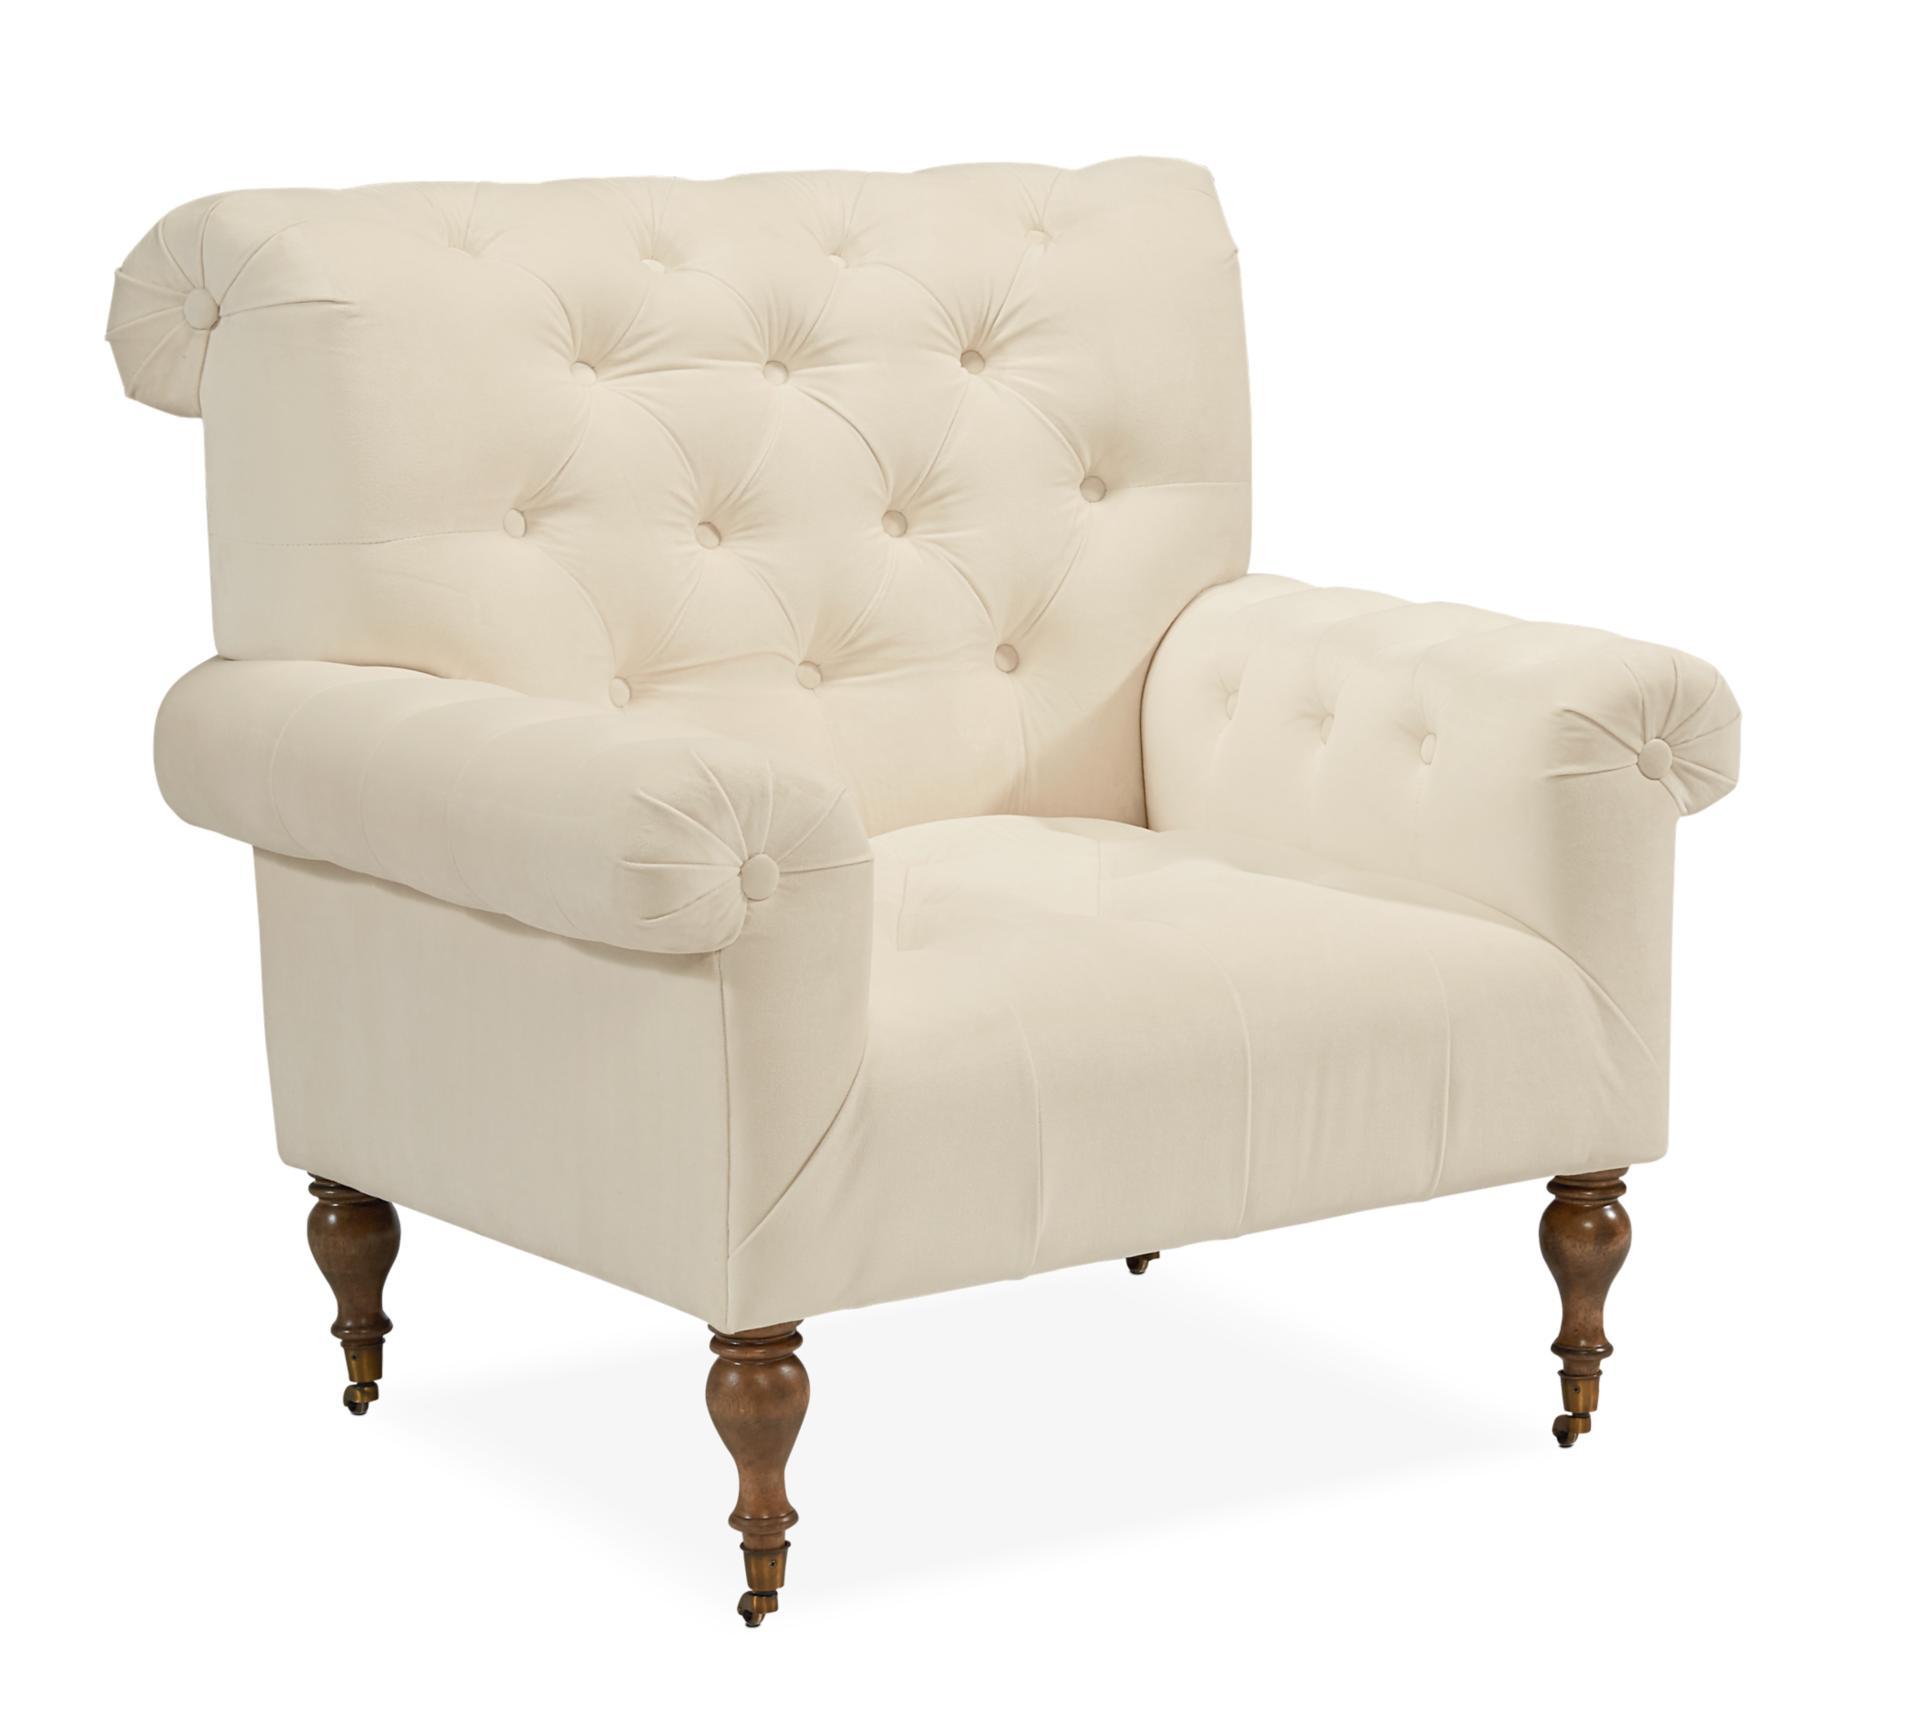 Cheap Carpe Diem Accent Chair Alabaster With Furniture Stores Evansville